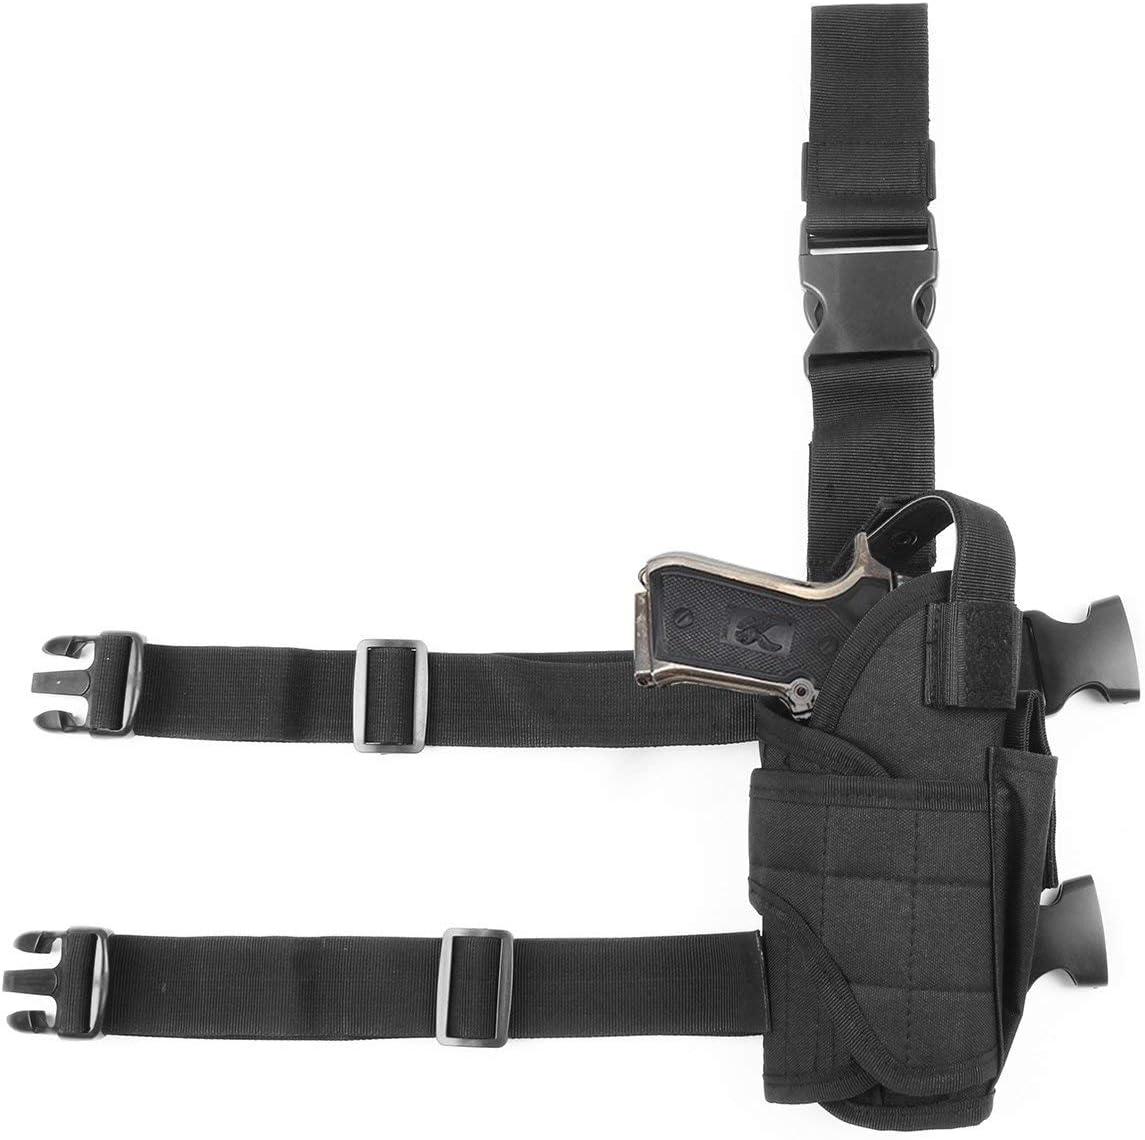 TBDLG Pistolera táctica al Aire Libre del Arma, Arma Universal táctica de la pistolera del Muslo de Airsoft para diestro